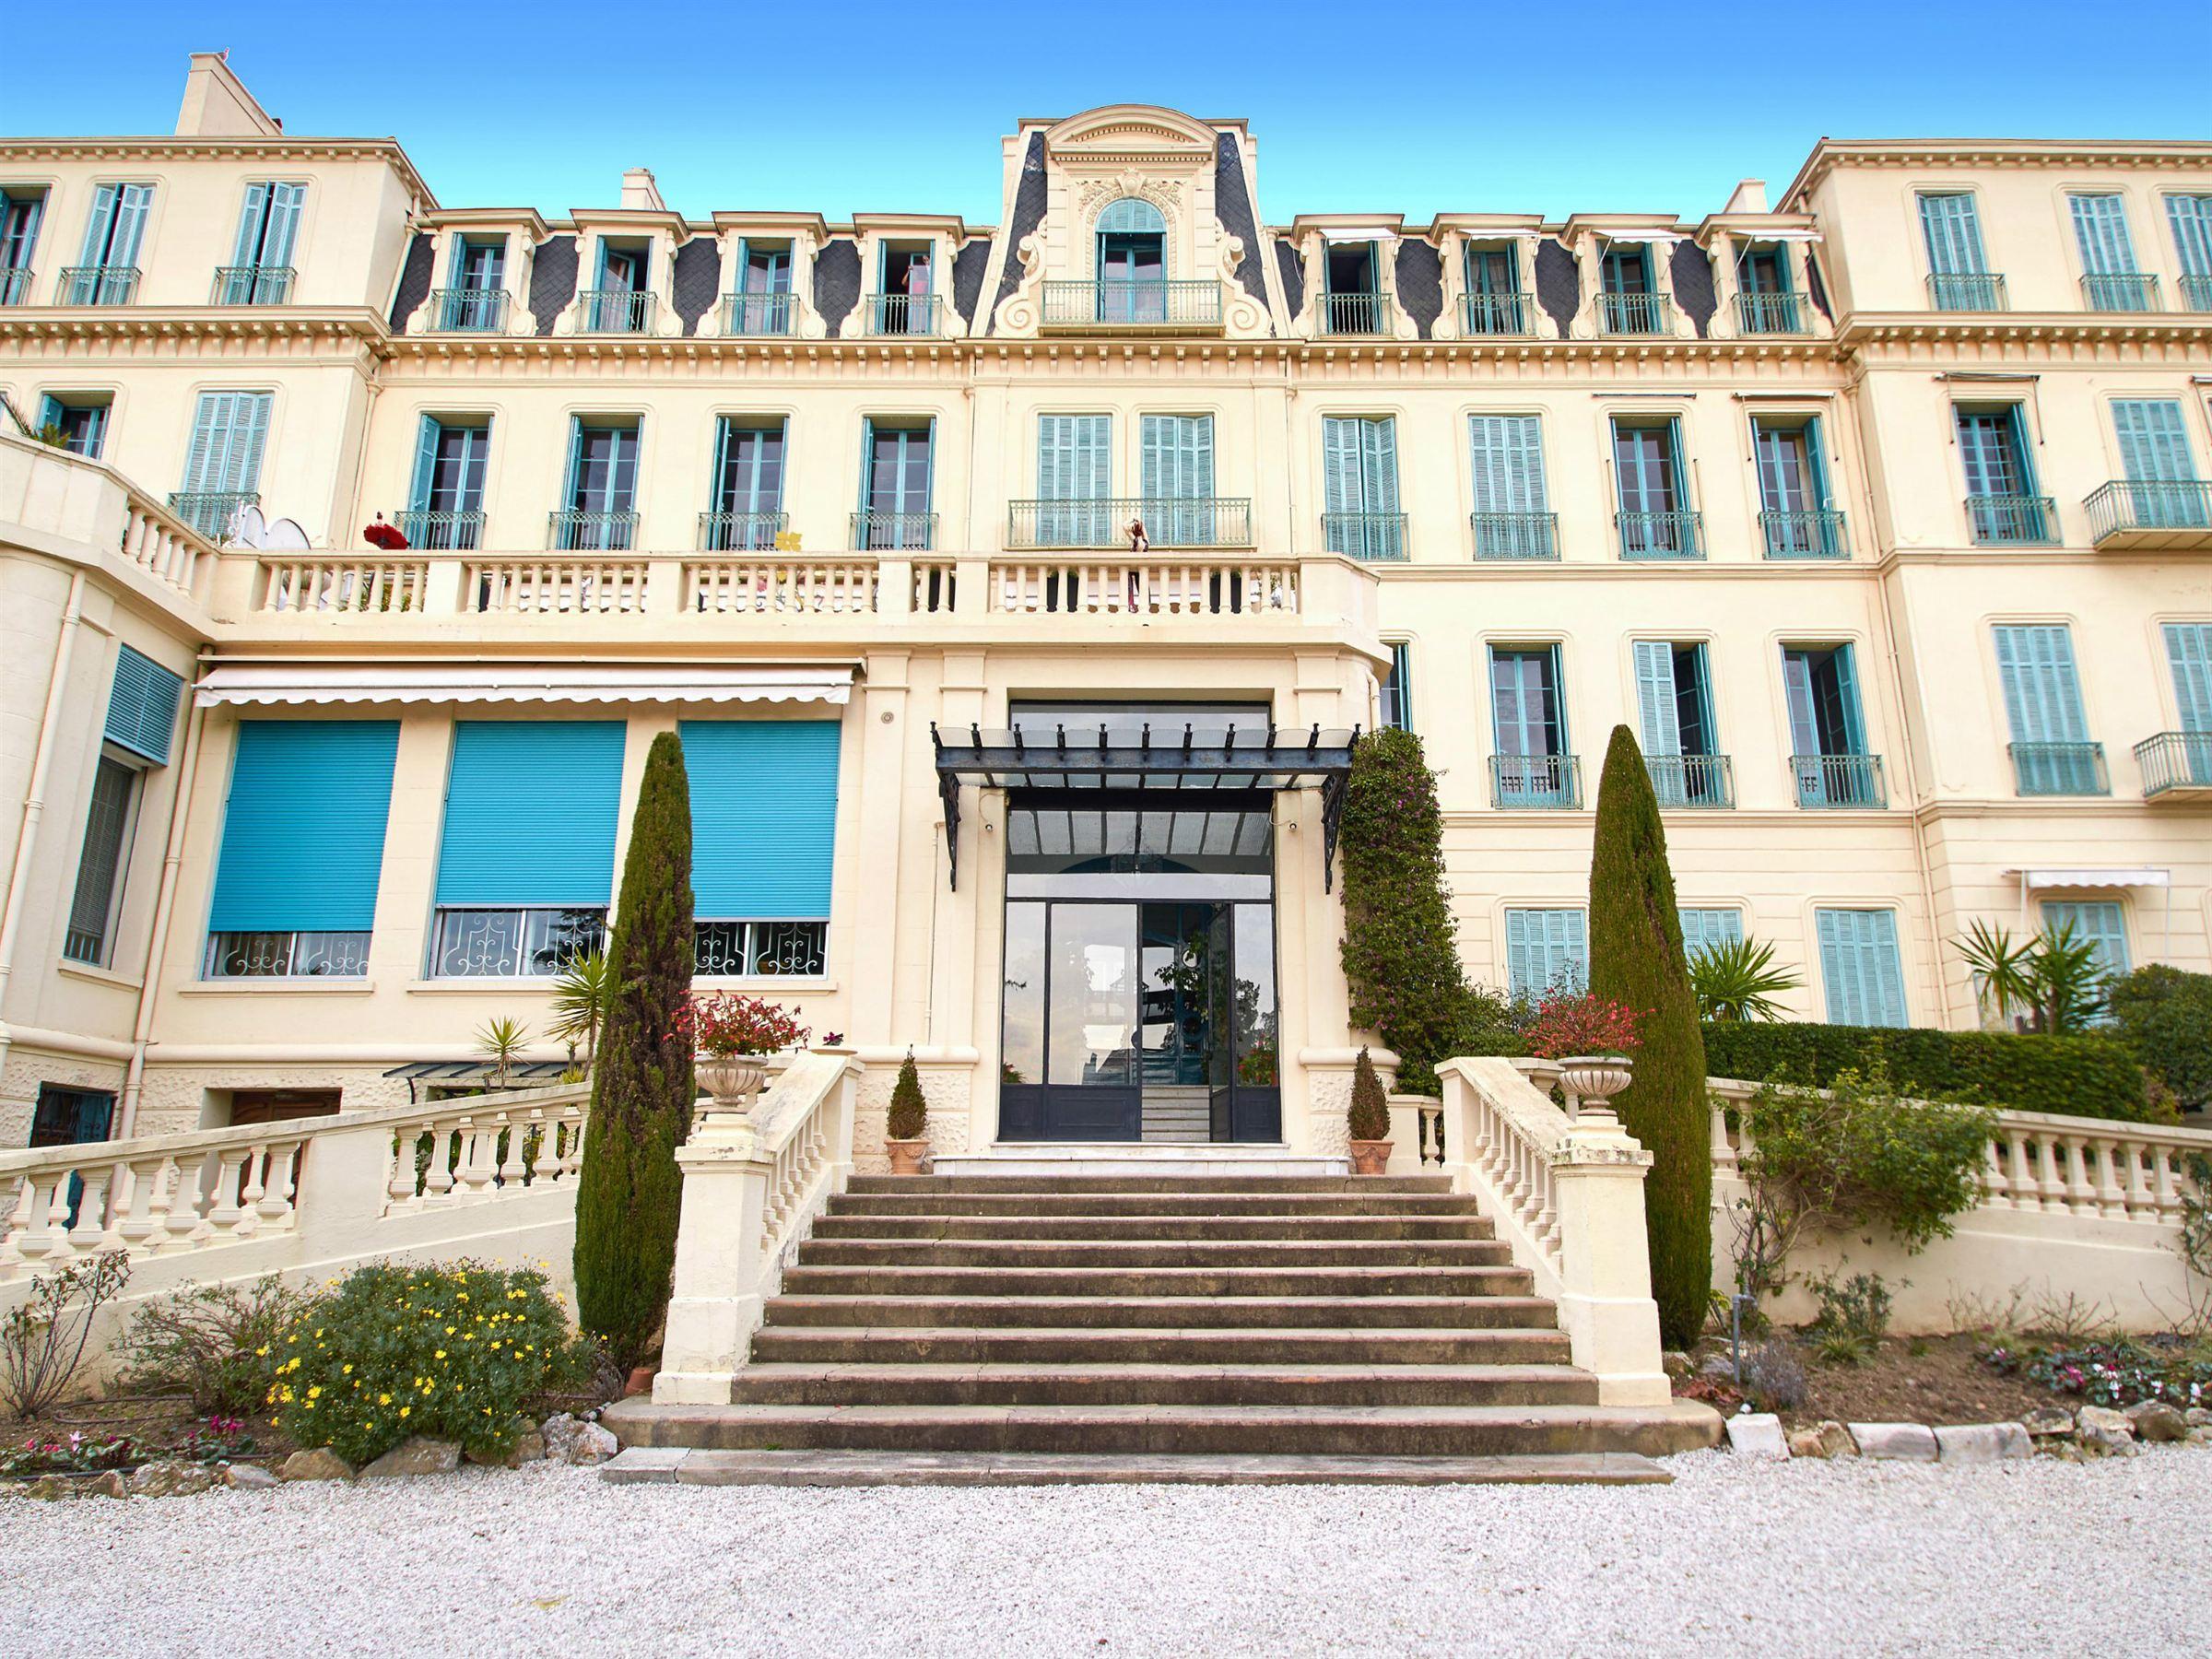 Apartamento para Venda às Apartment located in a Belle Epoque palace Cannes, Provença-Alpes-Costa Azul 06400 França